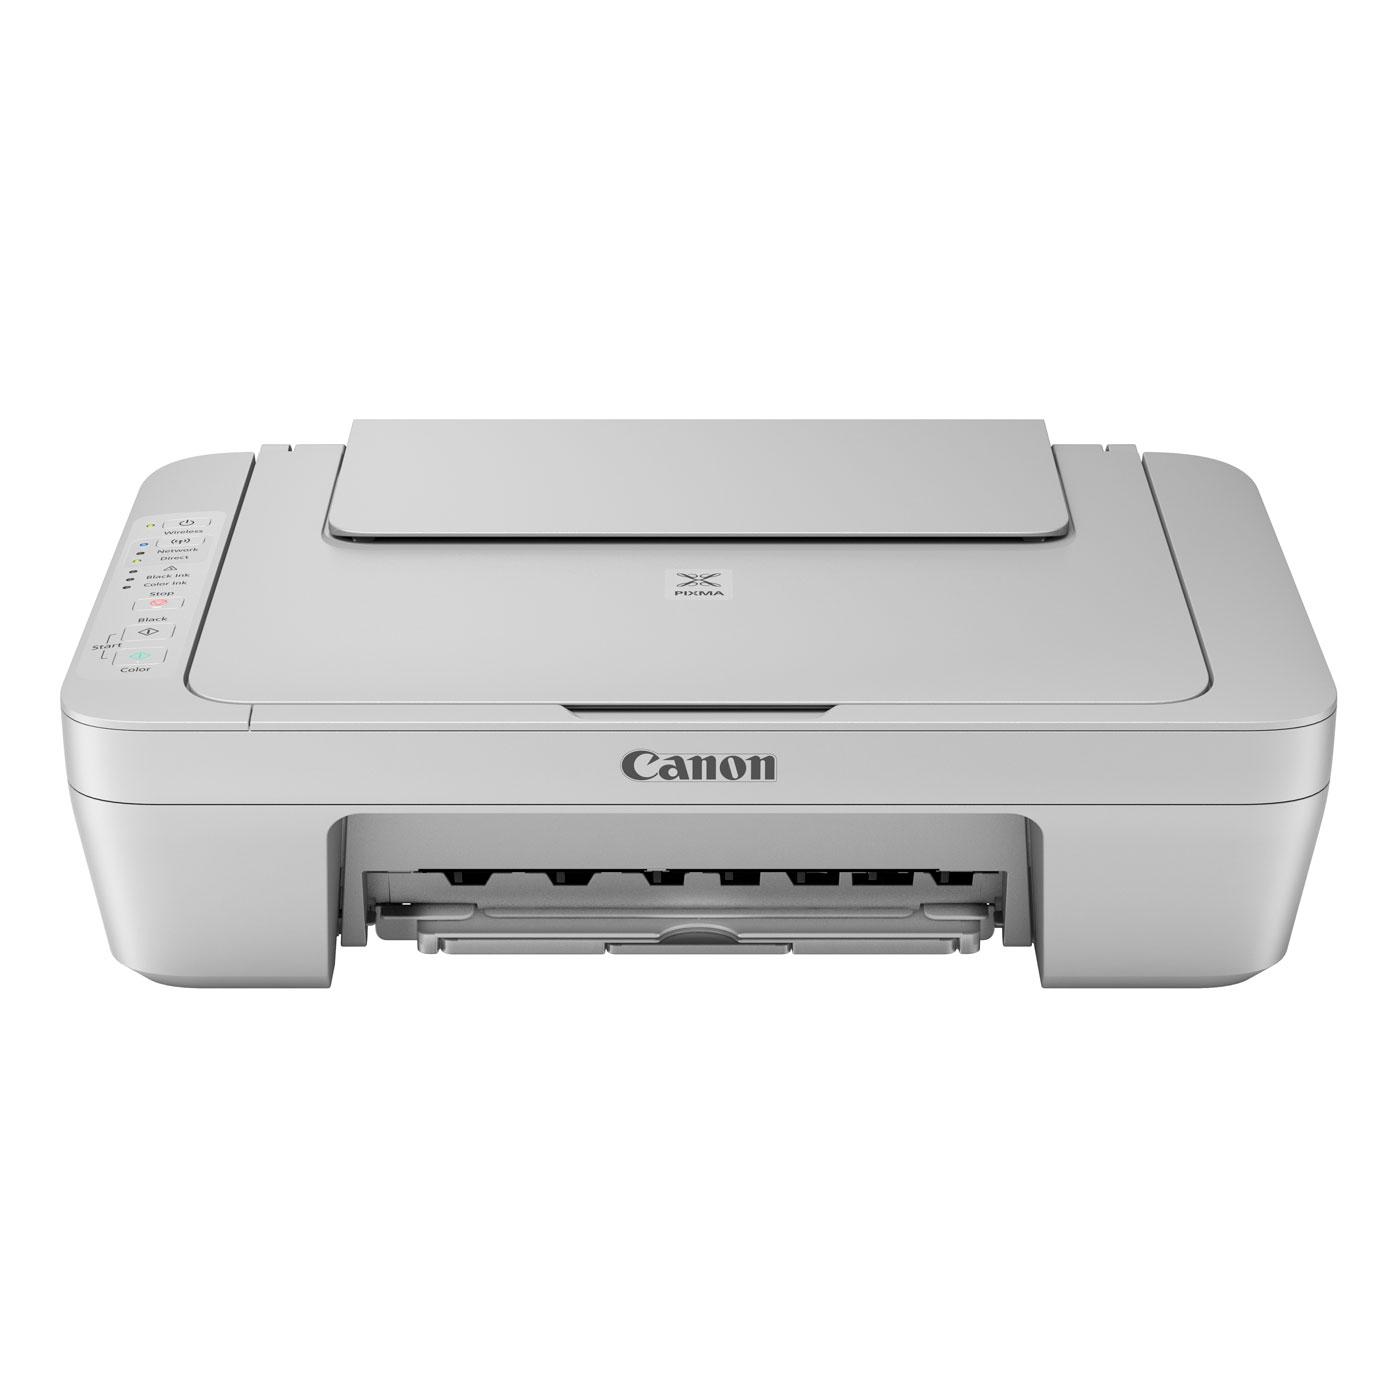 canon pixma mg3052 imprimante multifonction canon sur ldlc. Black Bedroom Furniture Sets. Home Design Ideas